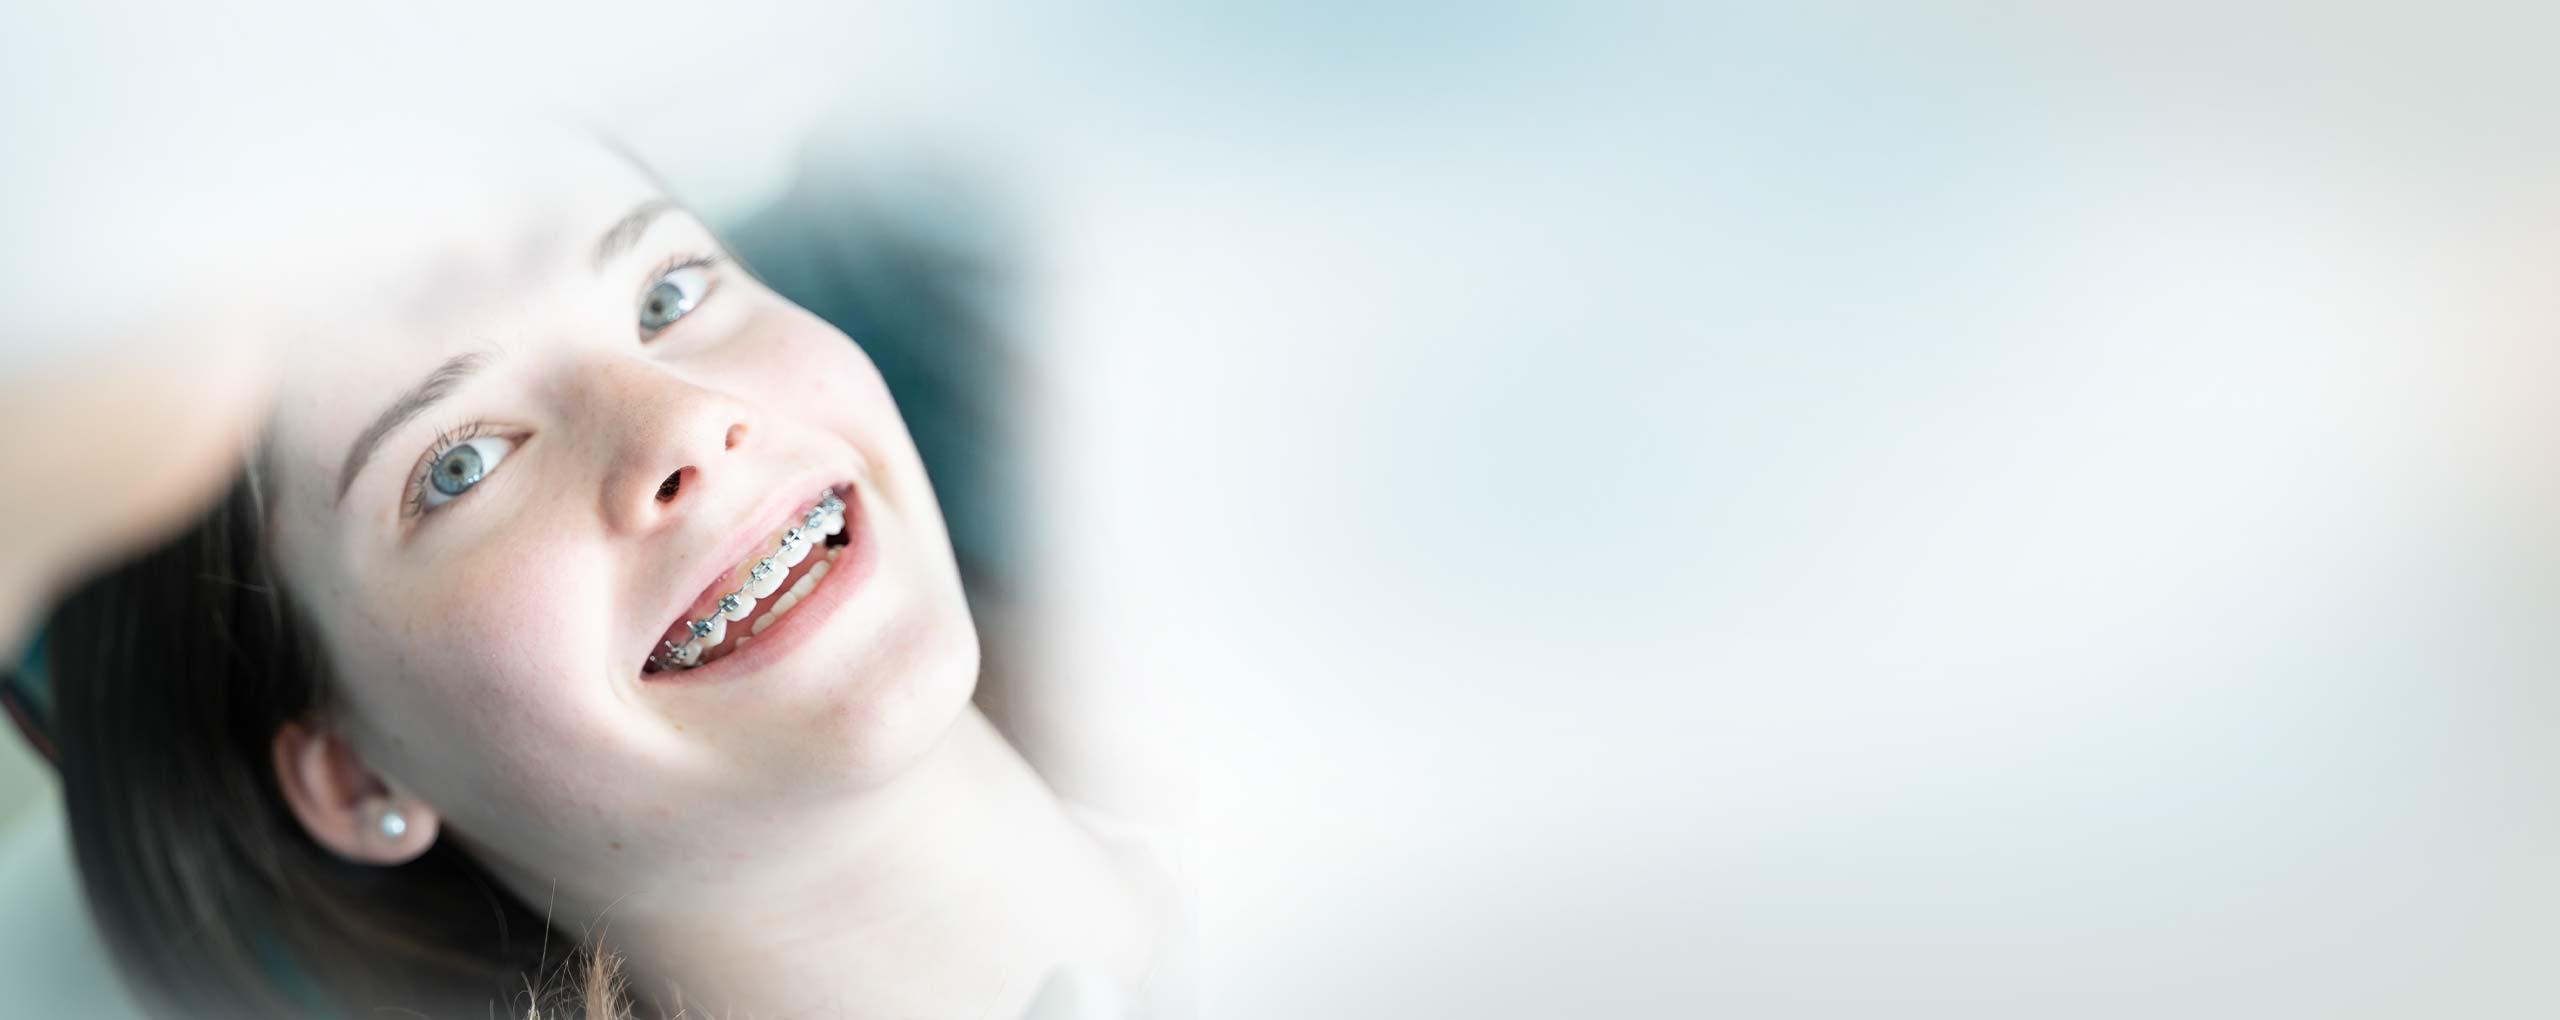 weickum zahnarzt mannheim behandlungsspektrum kieferorthopaedie